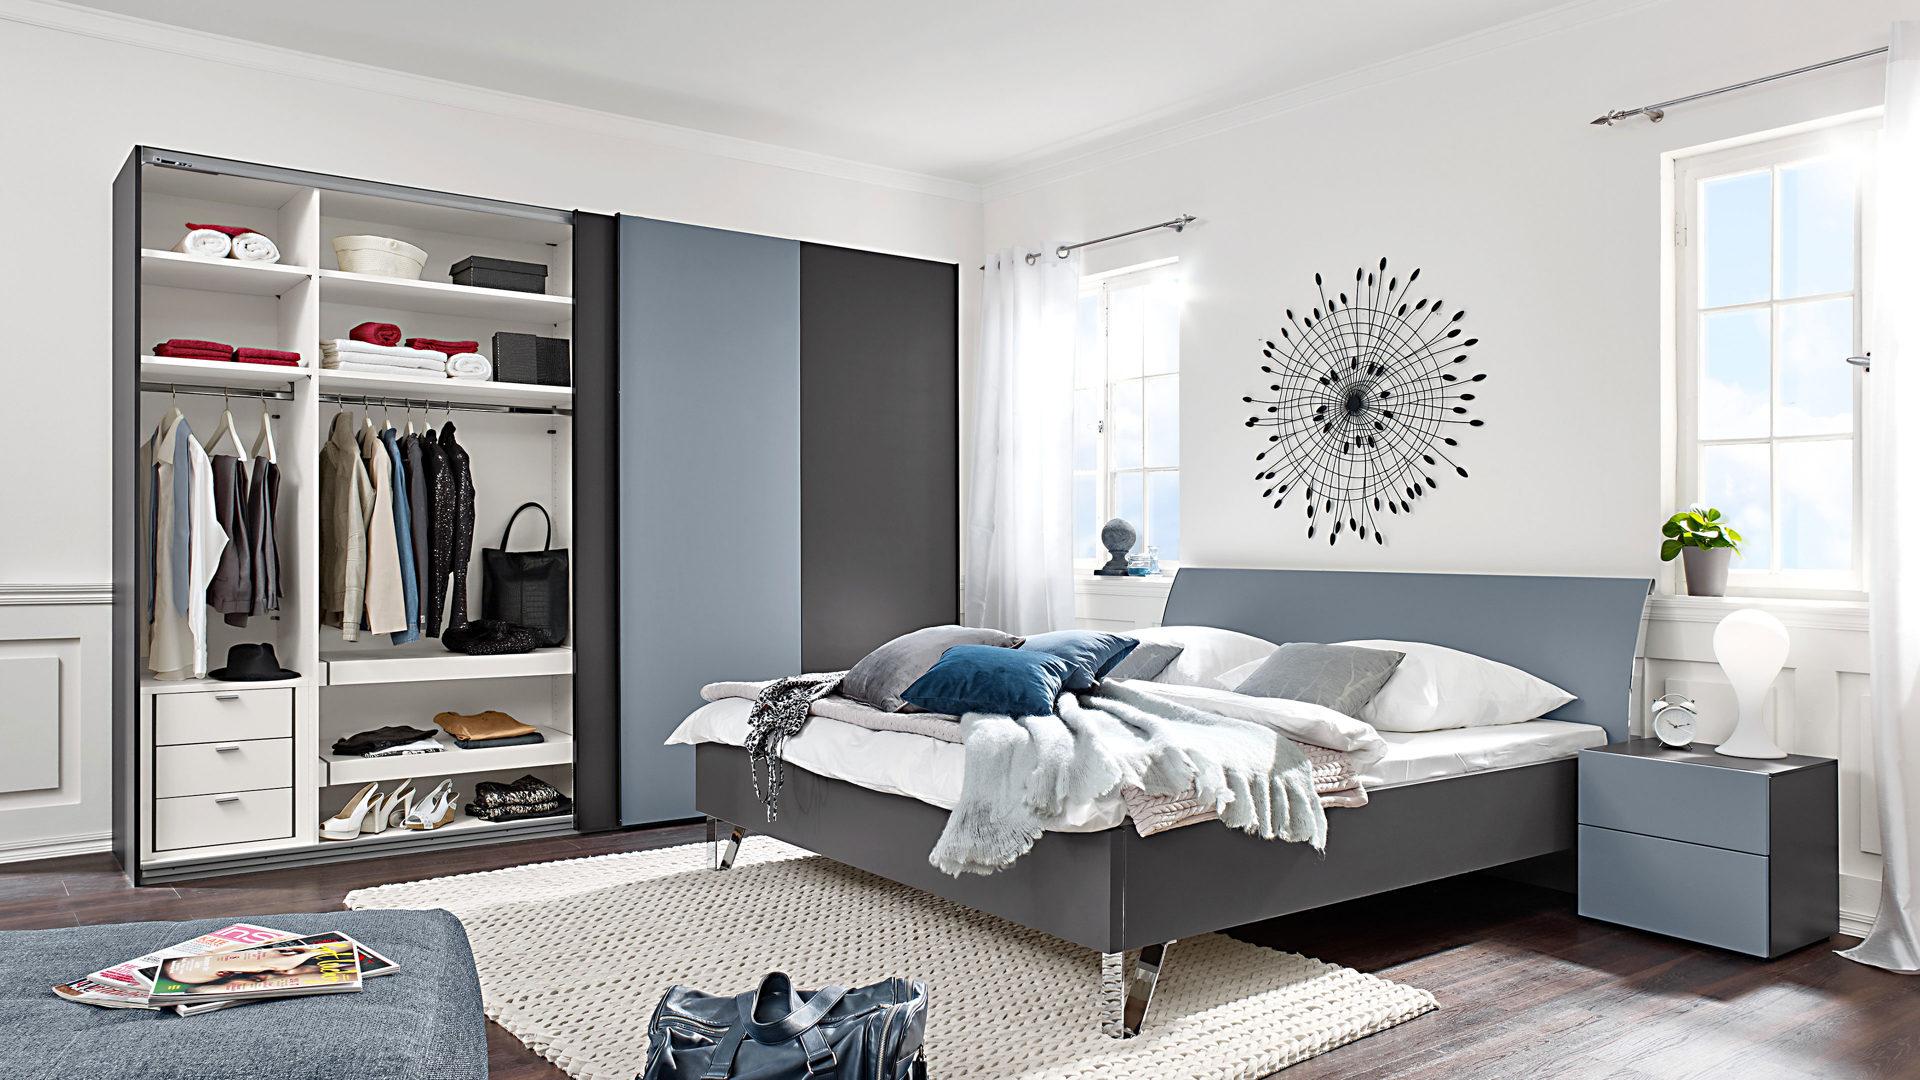 Wandfarbe schlafzimmer wirkung: braune wandfarbe entdecken sie die ...